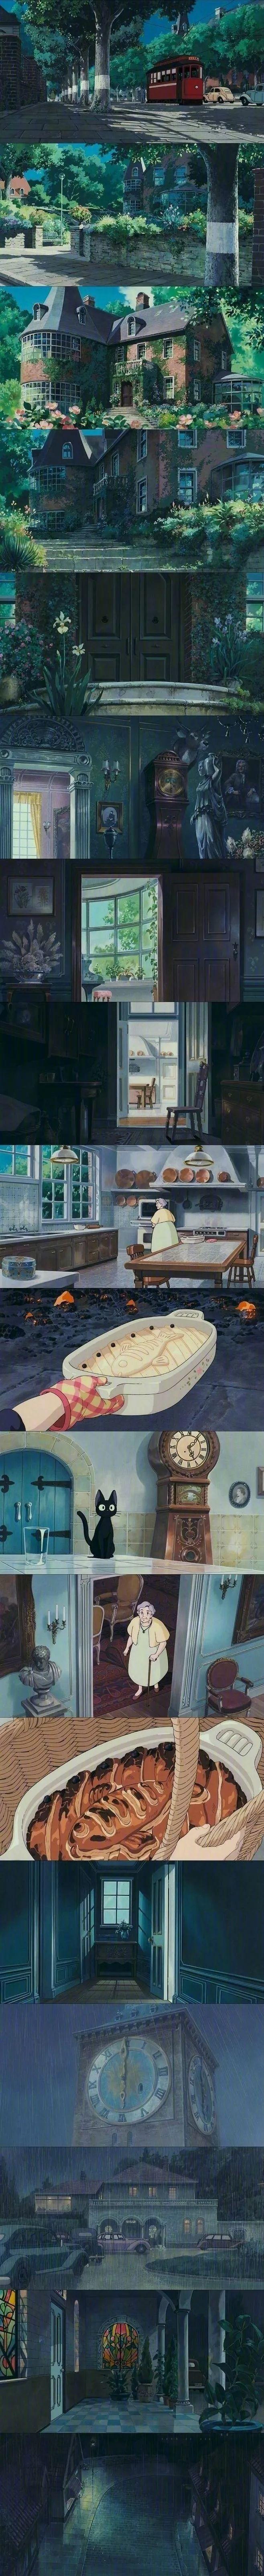 宫崎骏的动画世界 壁纸特辑,人间真有这些地方就好了!_图片 No.6